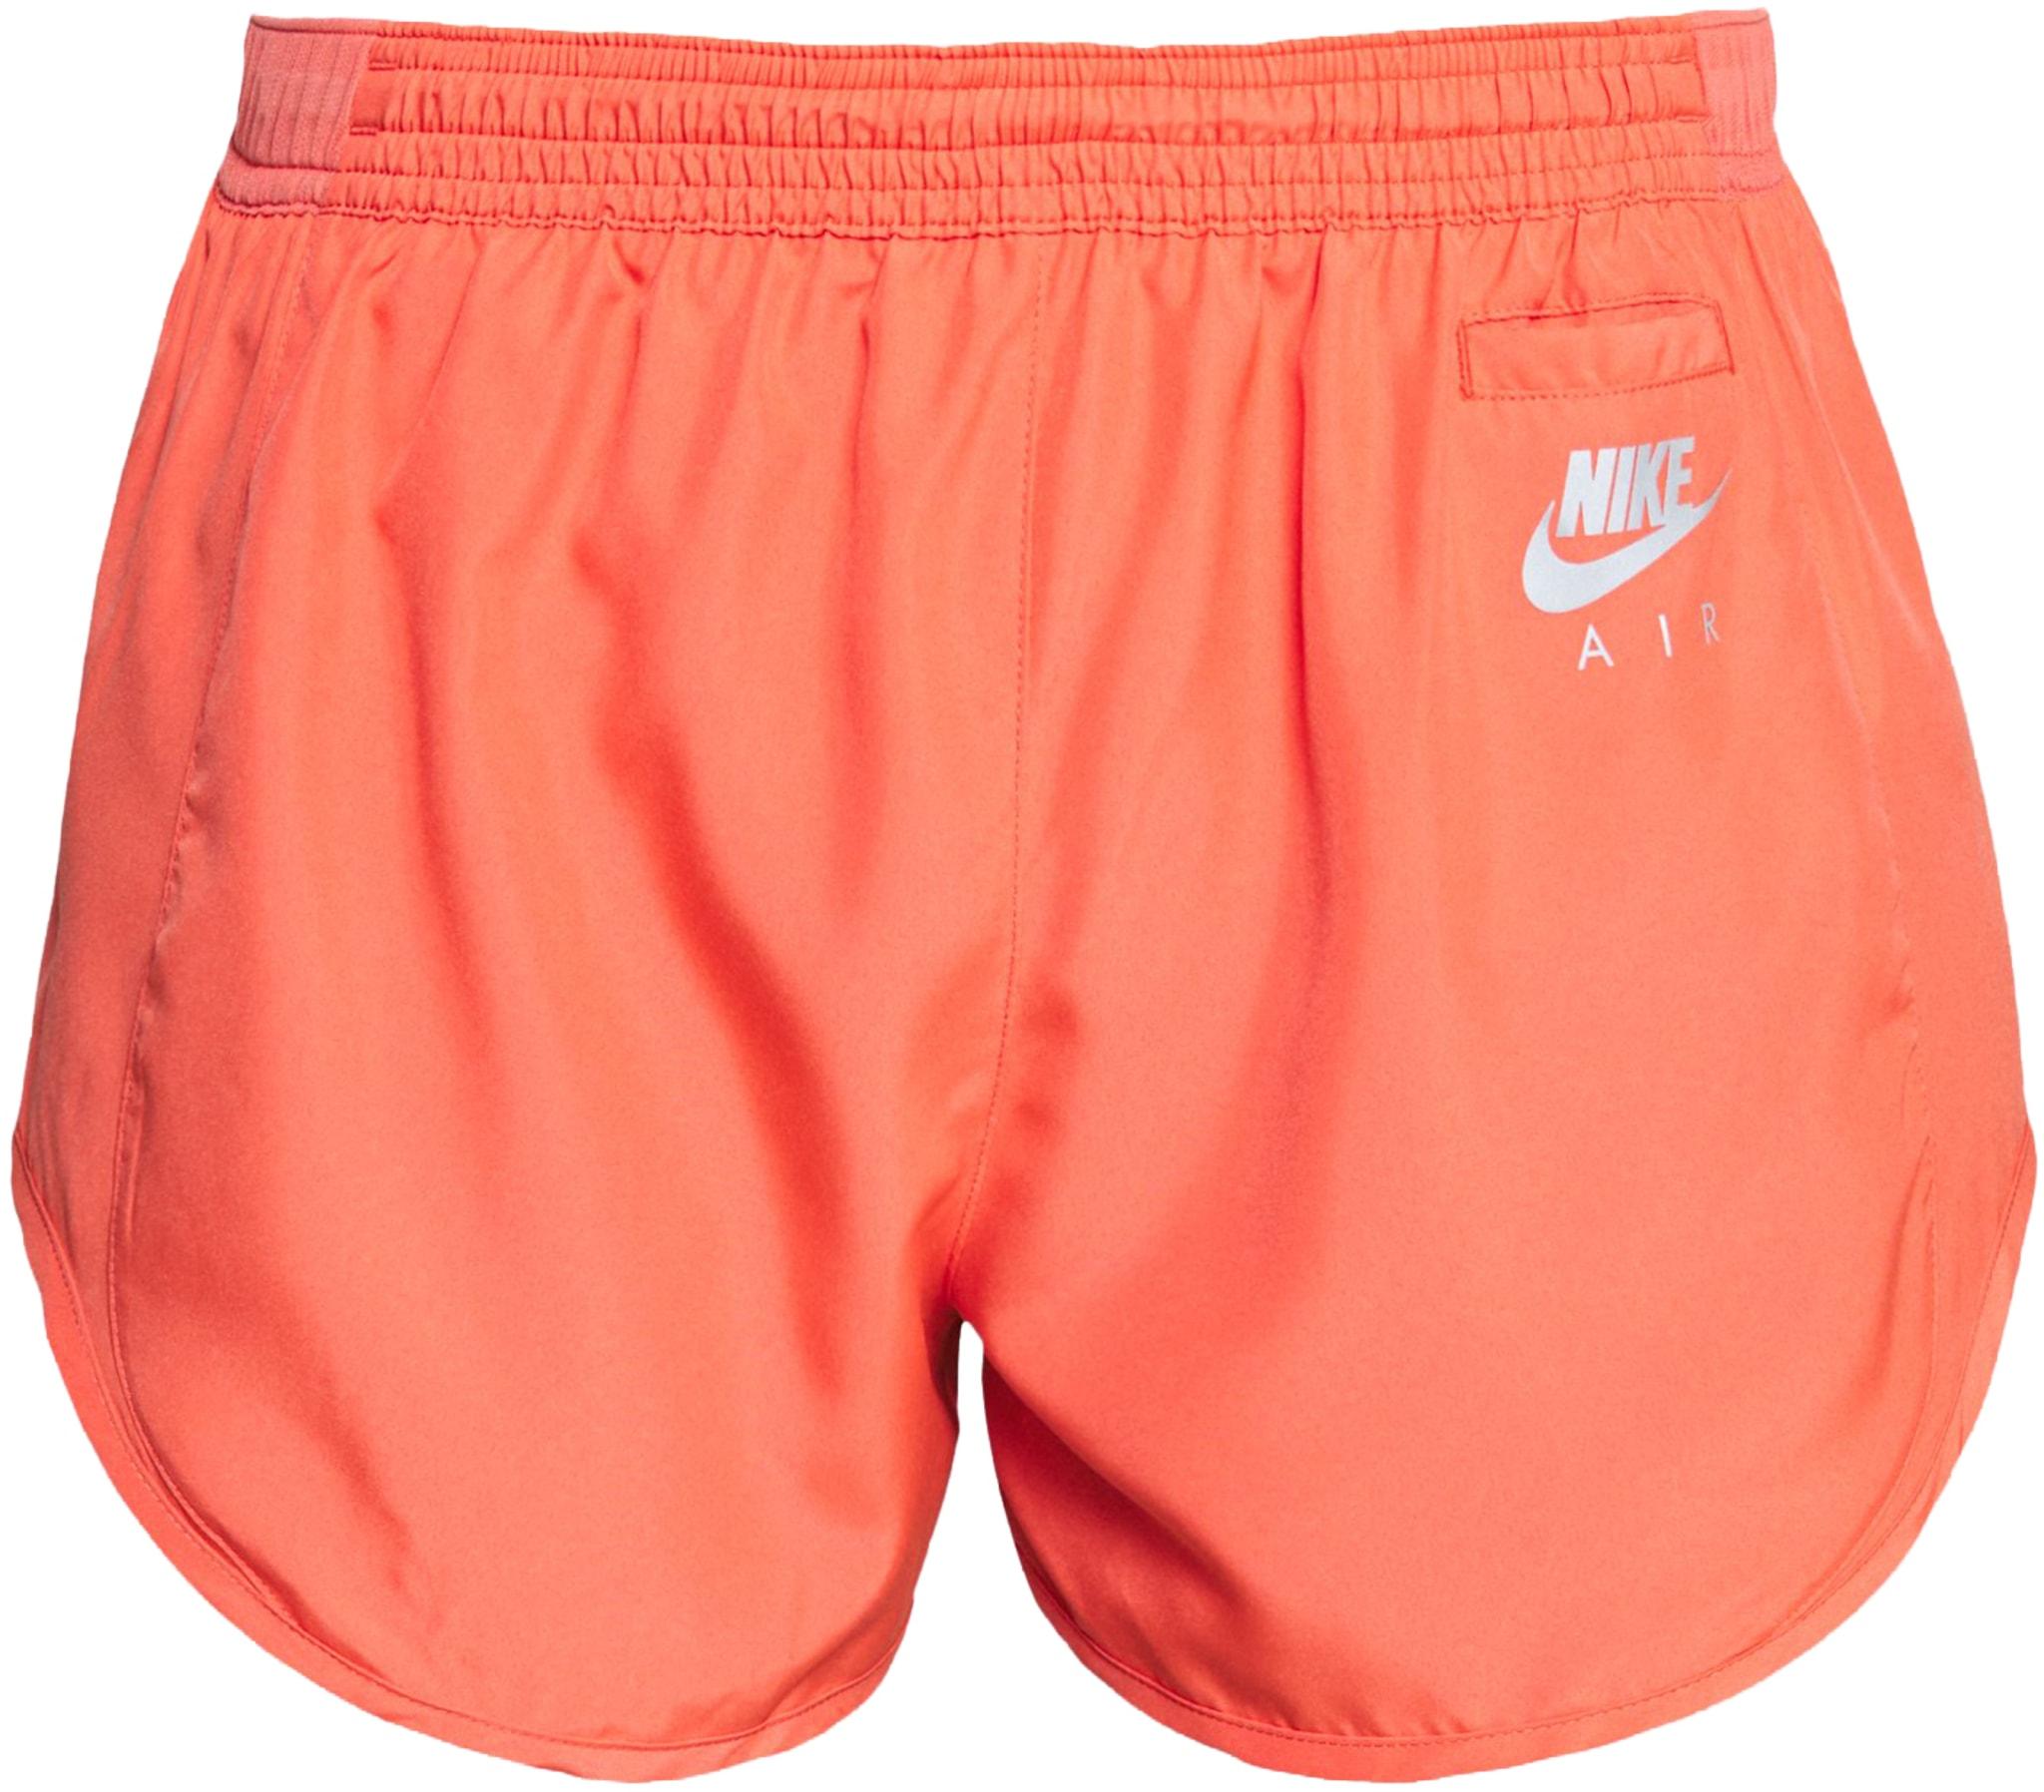 Air Running Shorts W